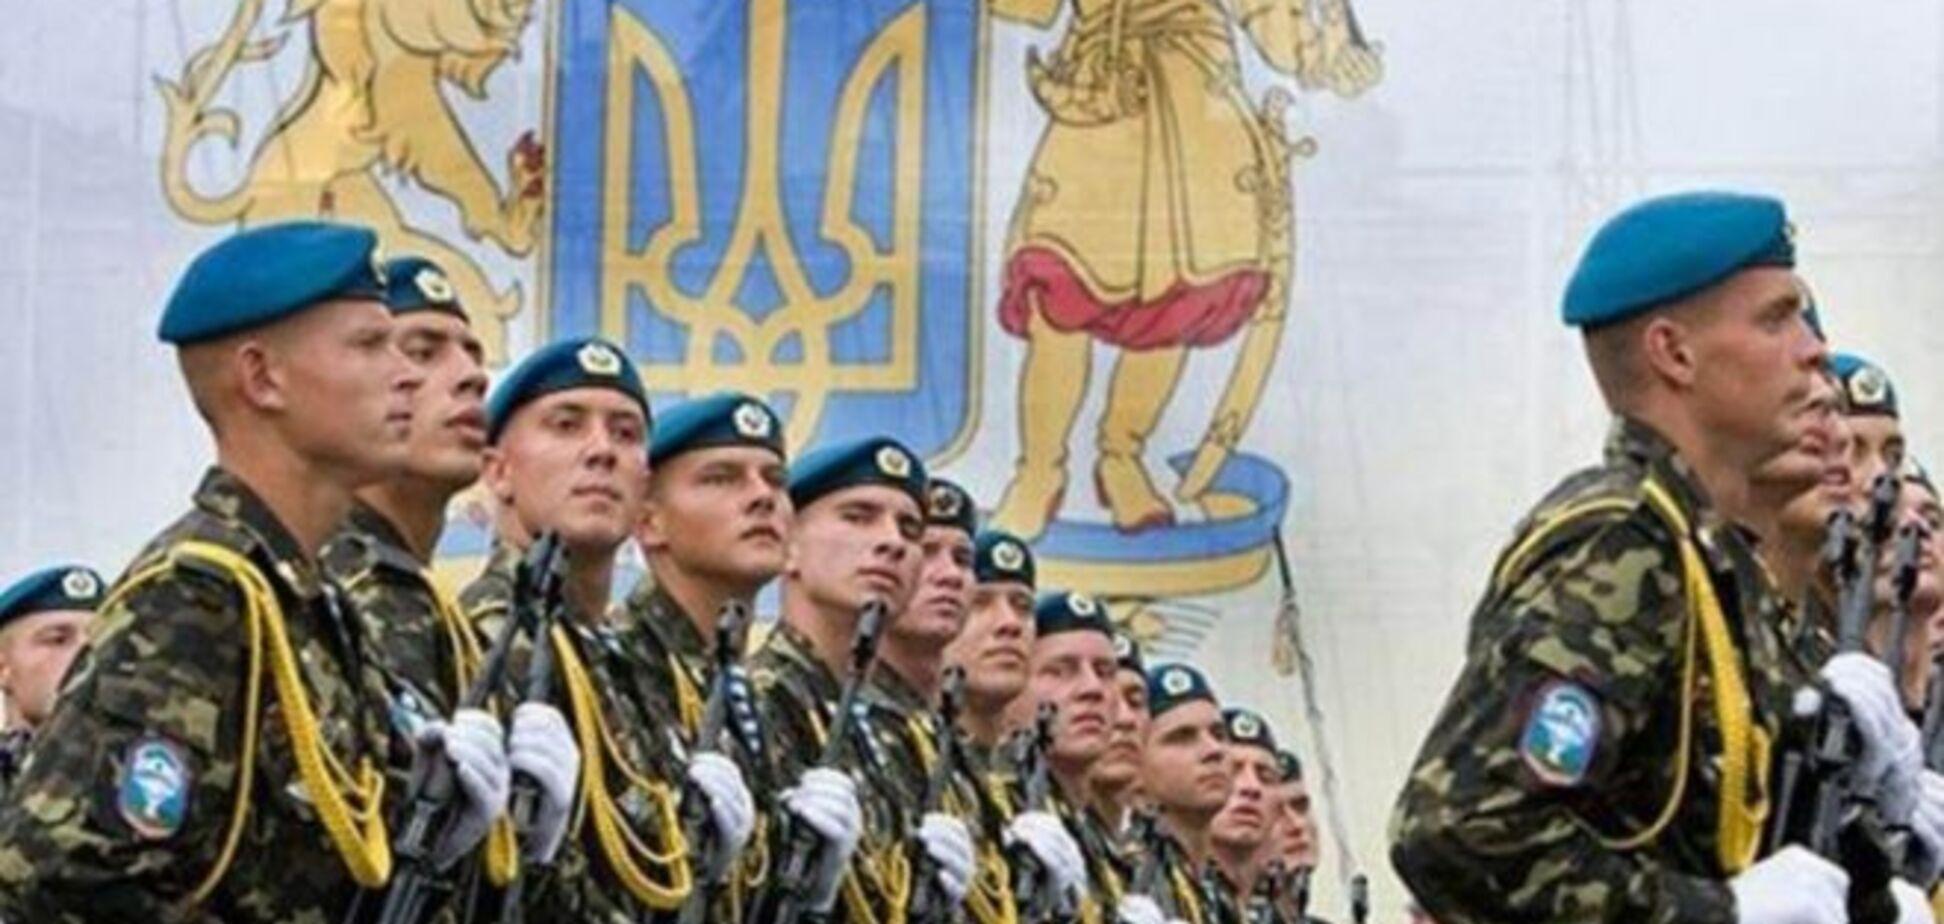 Потрібна не мобілізація, а контракт із зарплатою військовим до 22 000 грн - Романюк